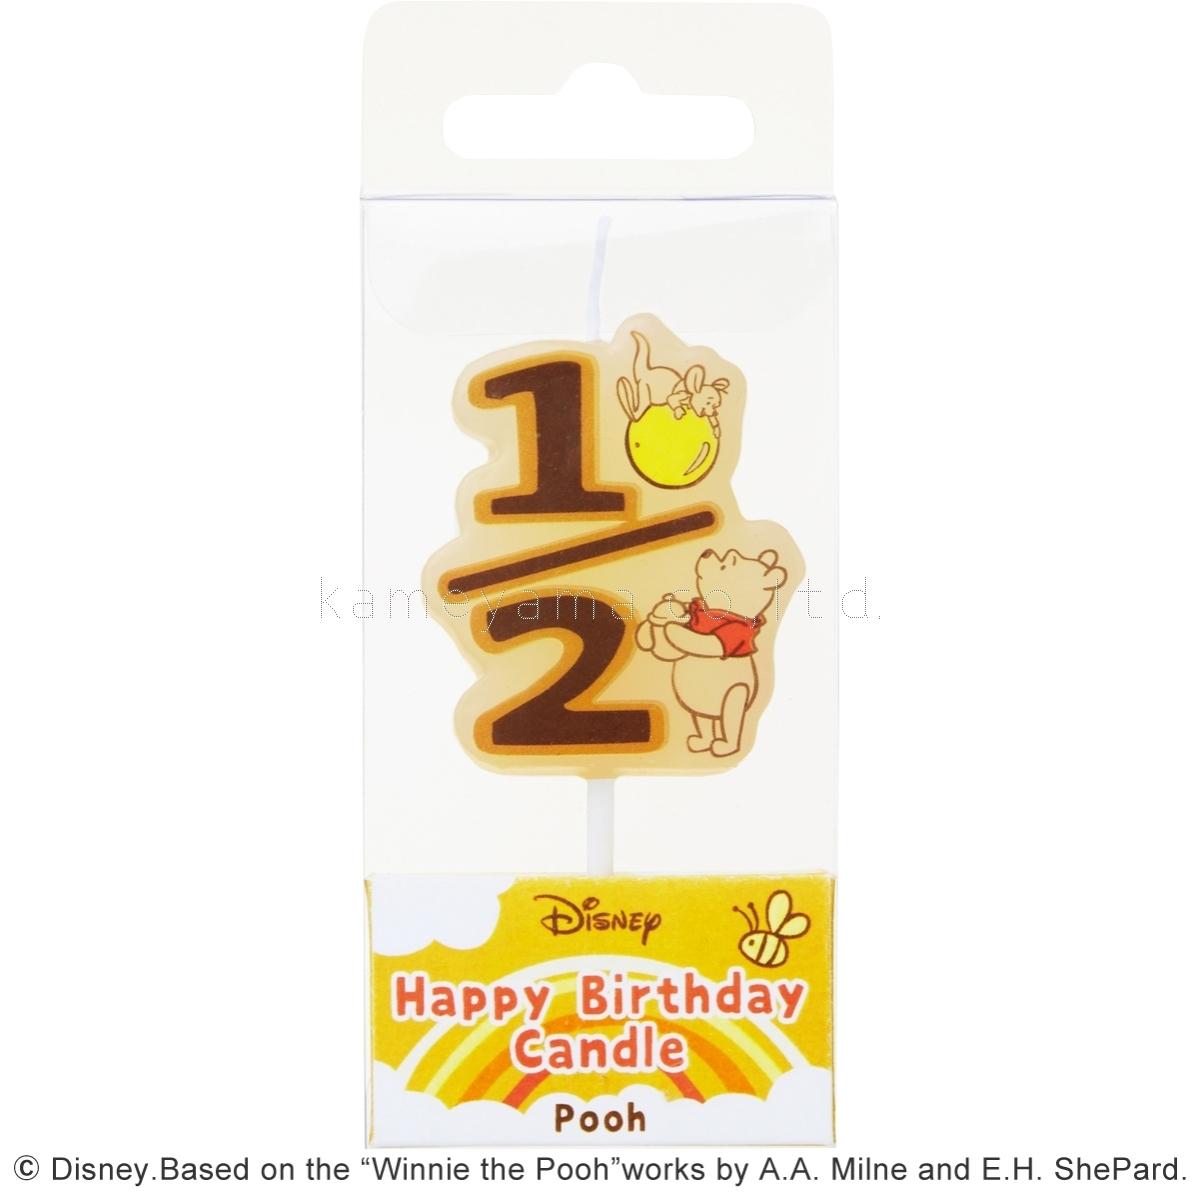 ディズニー ハッピーバースデー キャンドル 数字「くまのプーさん 1/2」  1個 (カメヤマキャンドル)